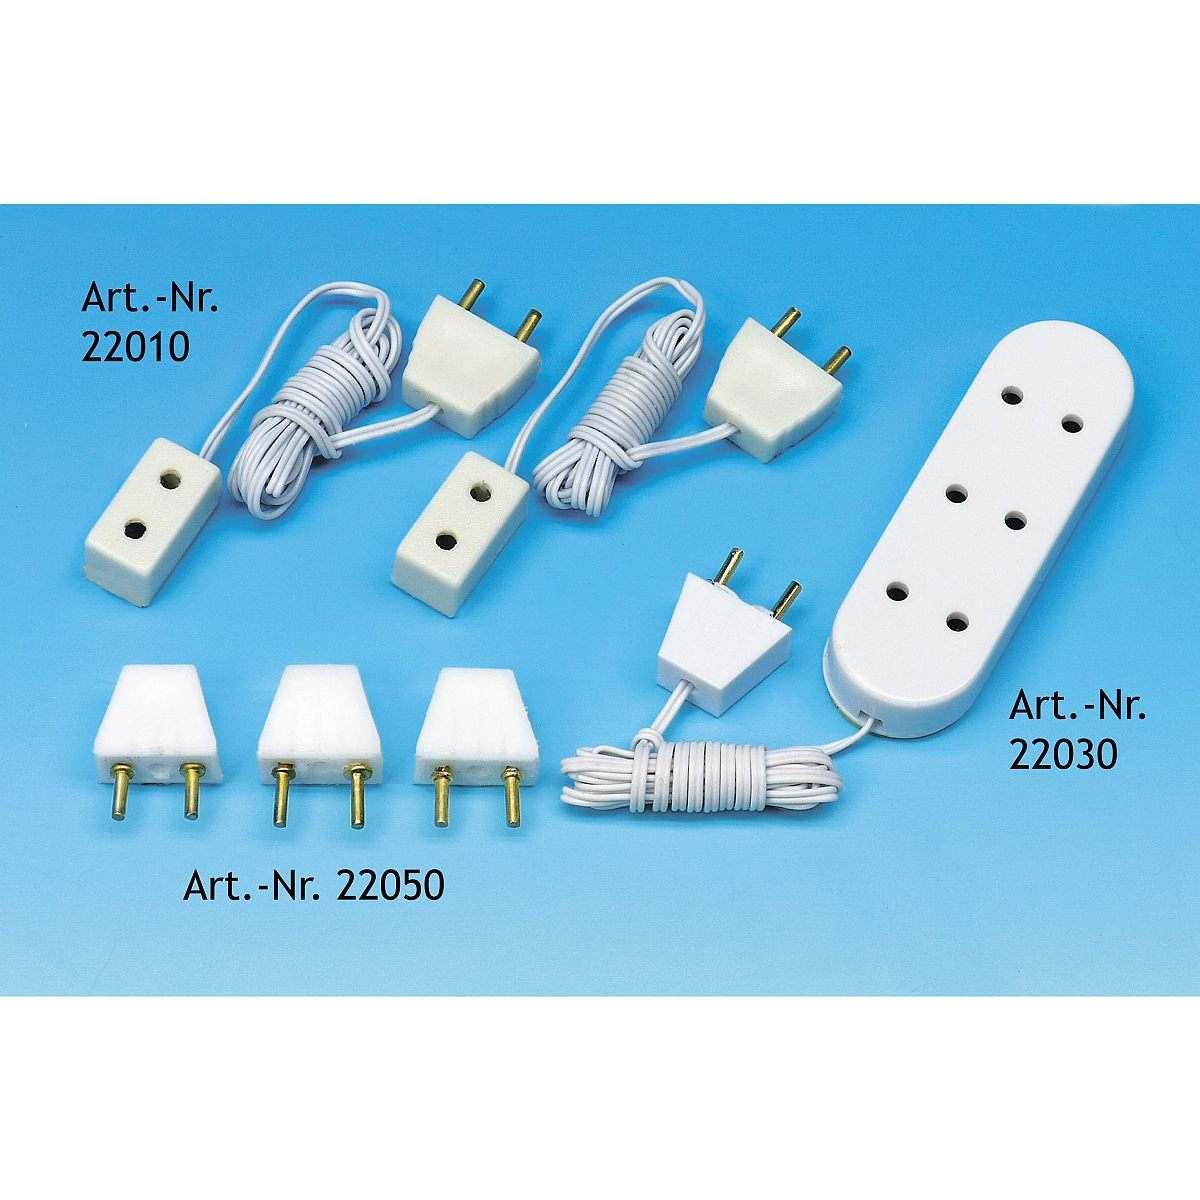 Single socket outlet